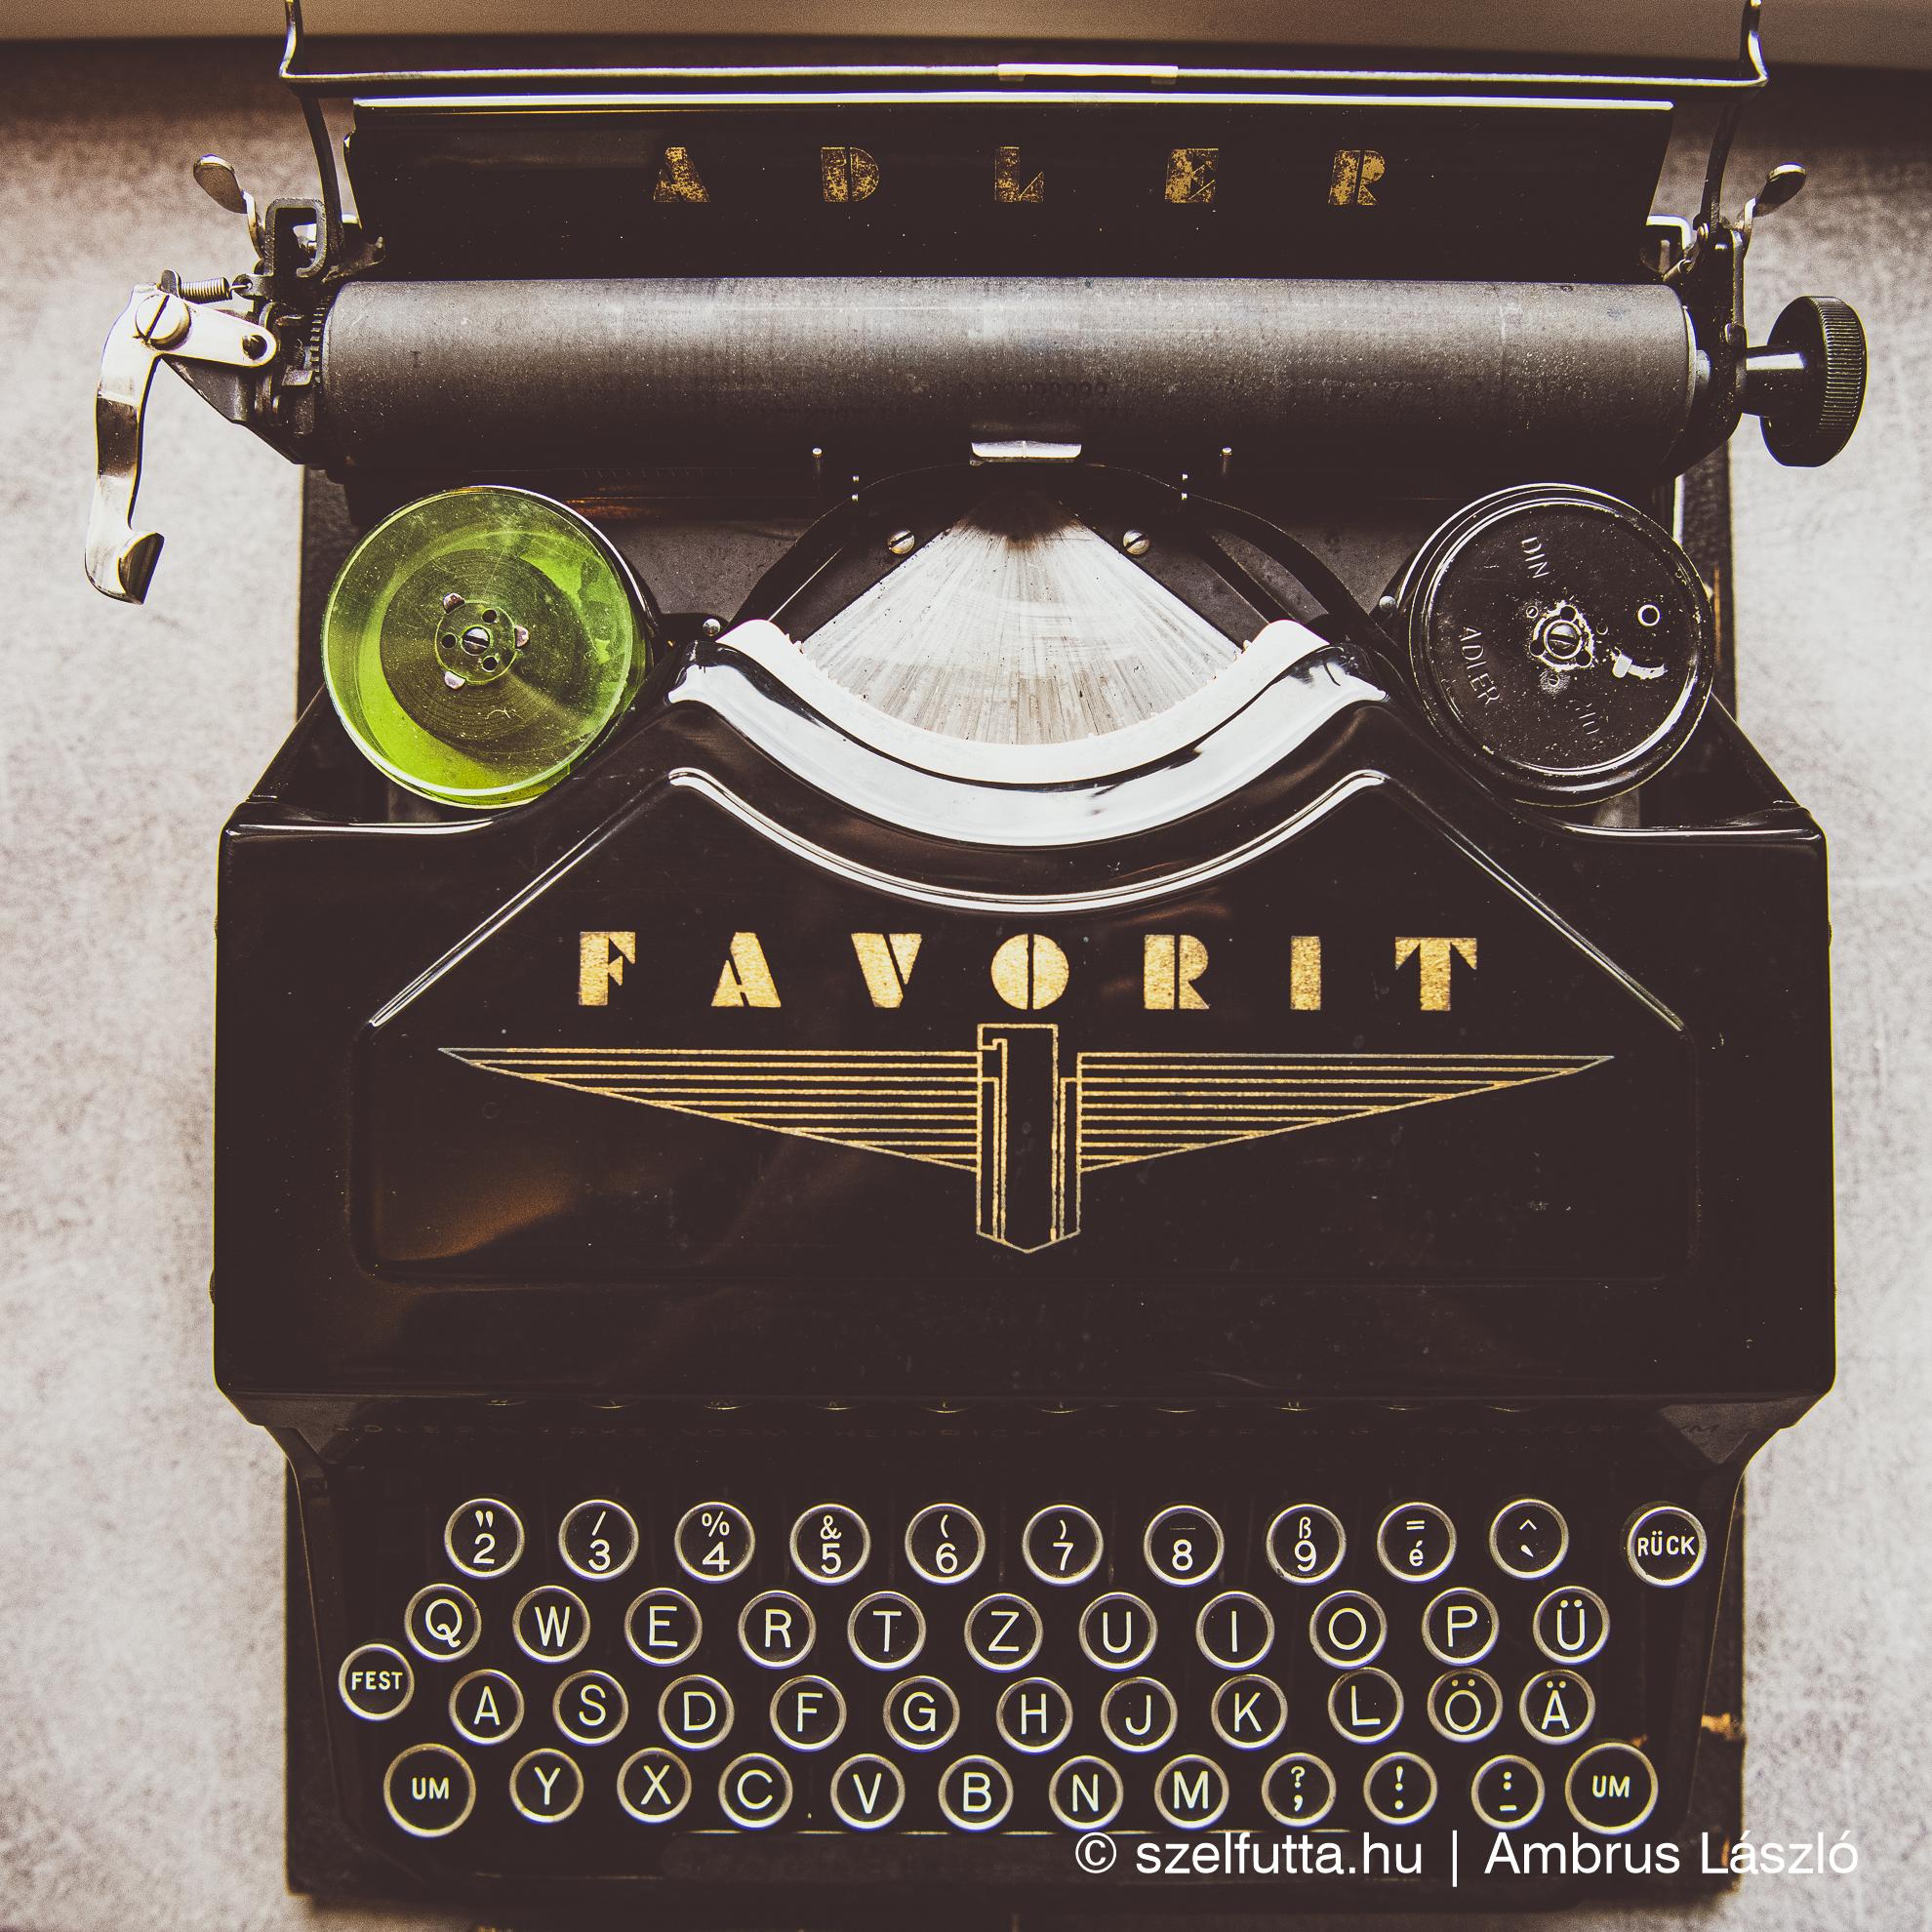 Adler Favorit Typewriter